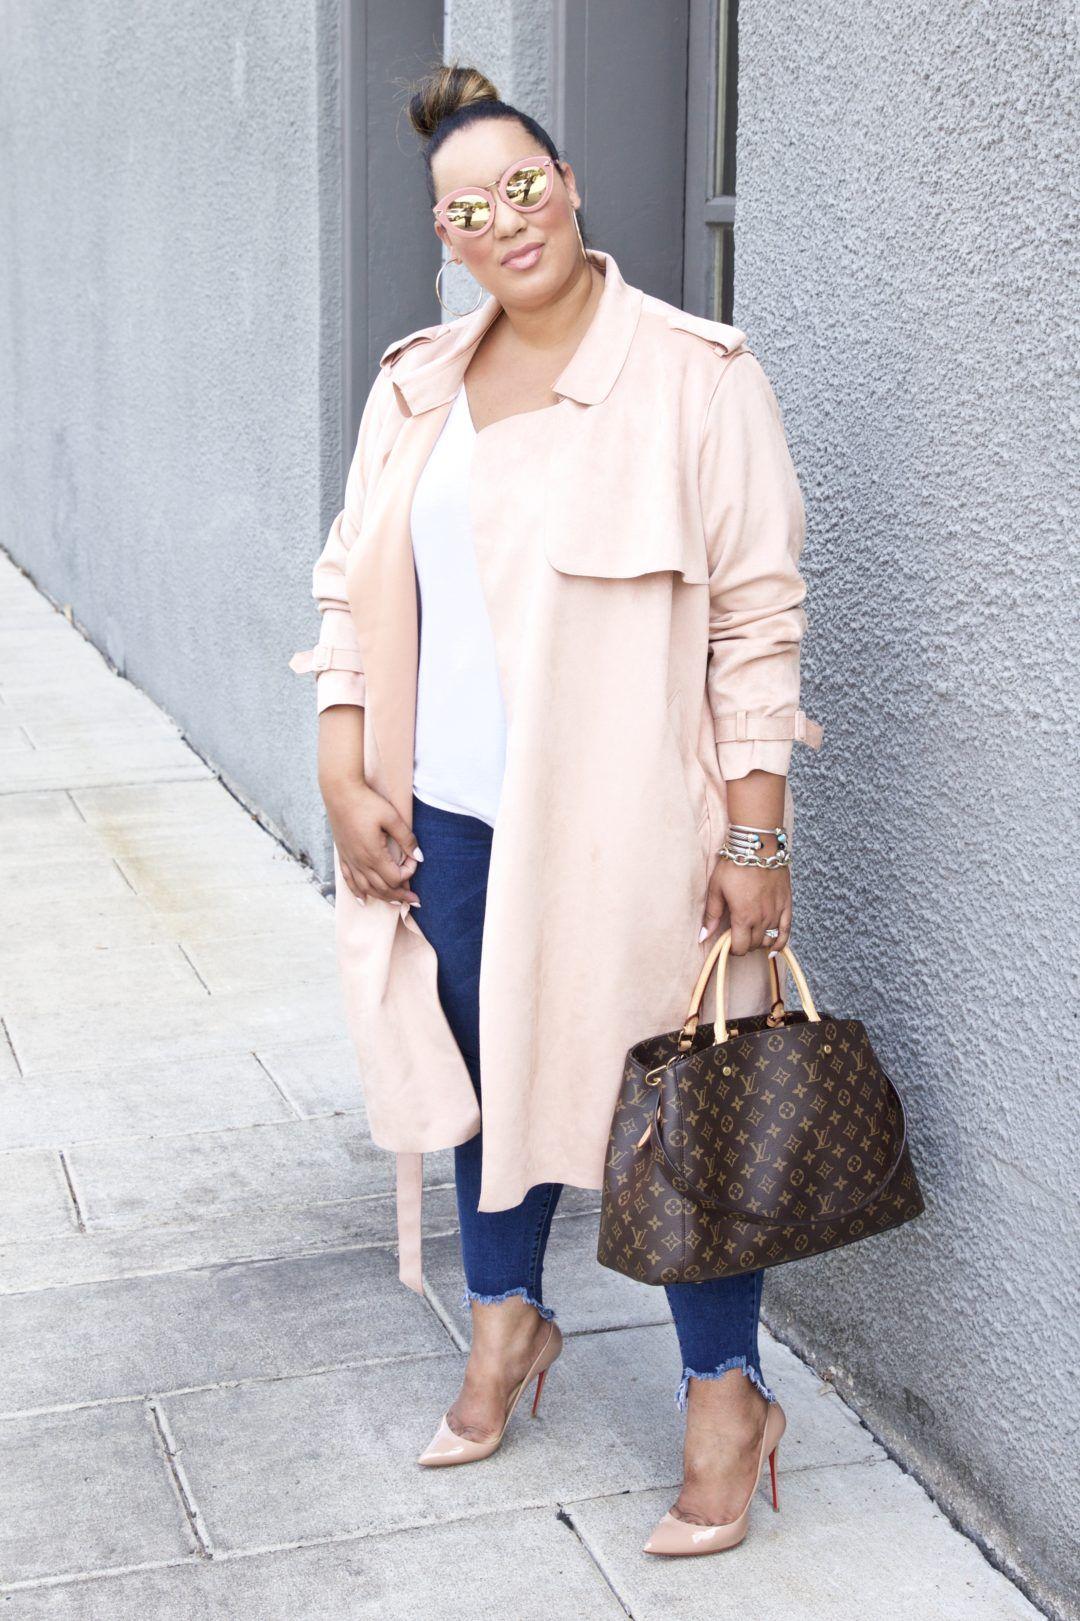 a2541dc64f9 Beauticurve - Plus Size Fashion for Women  plussize